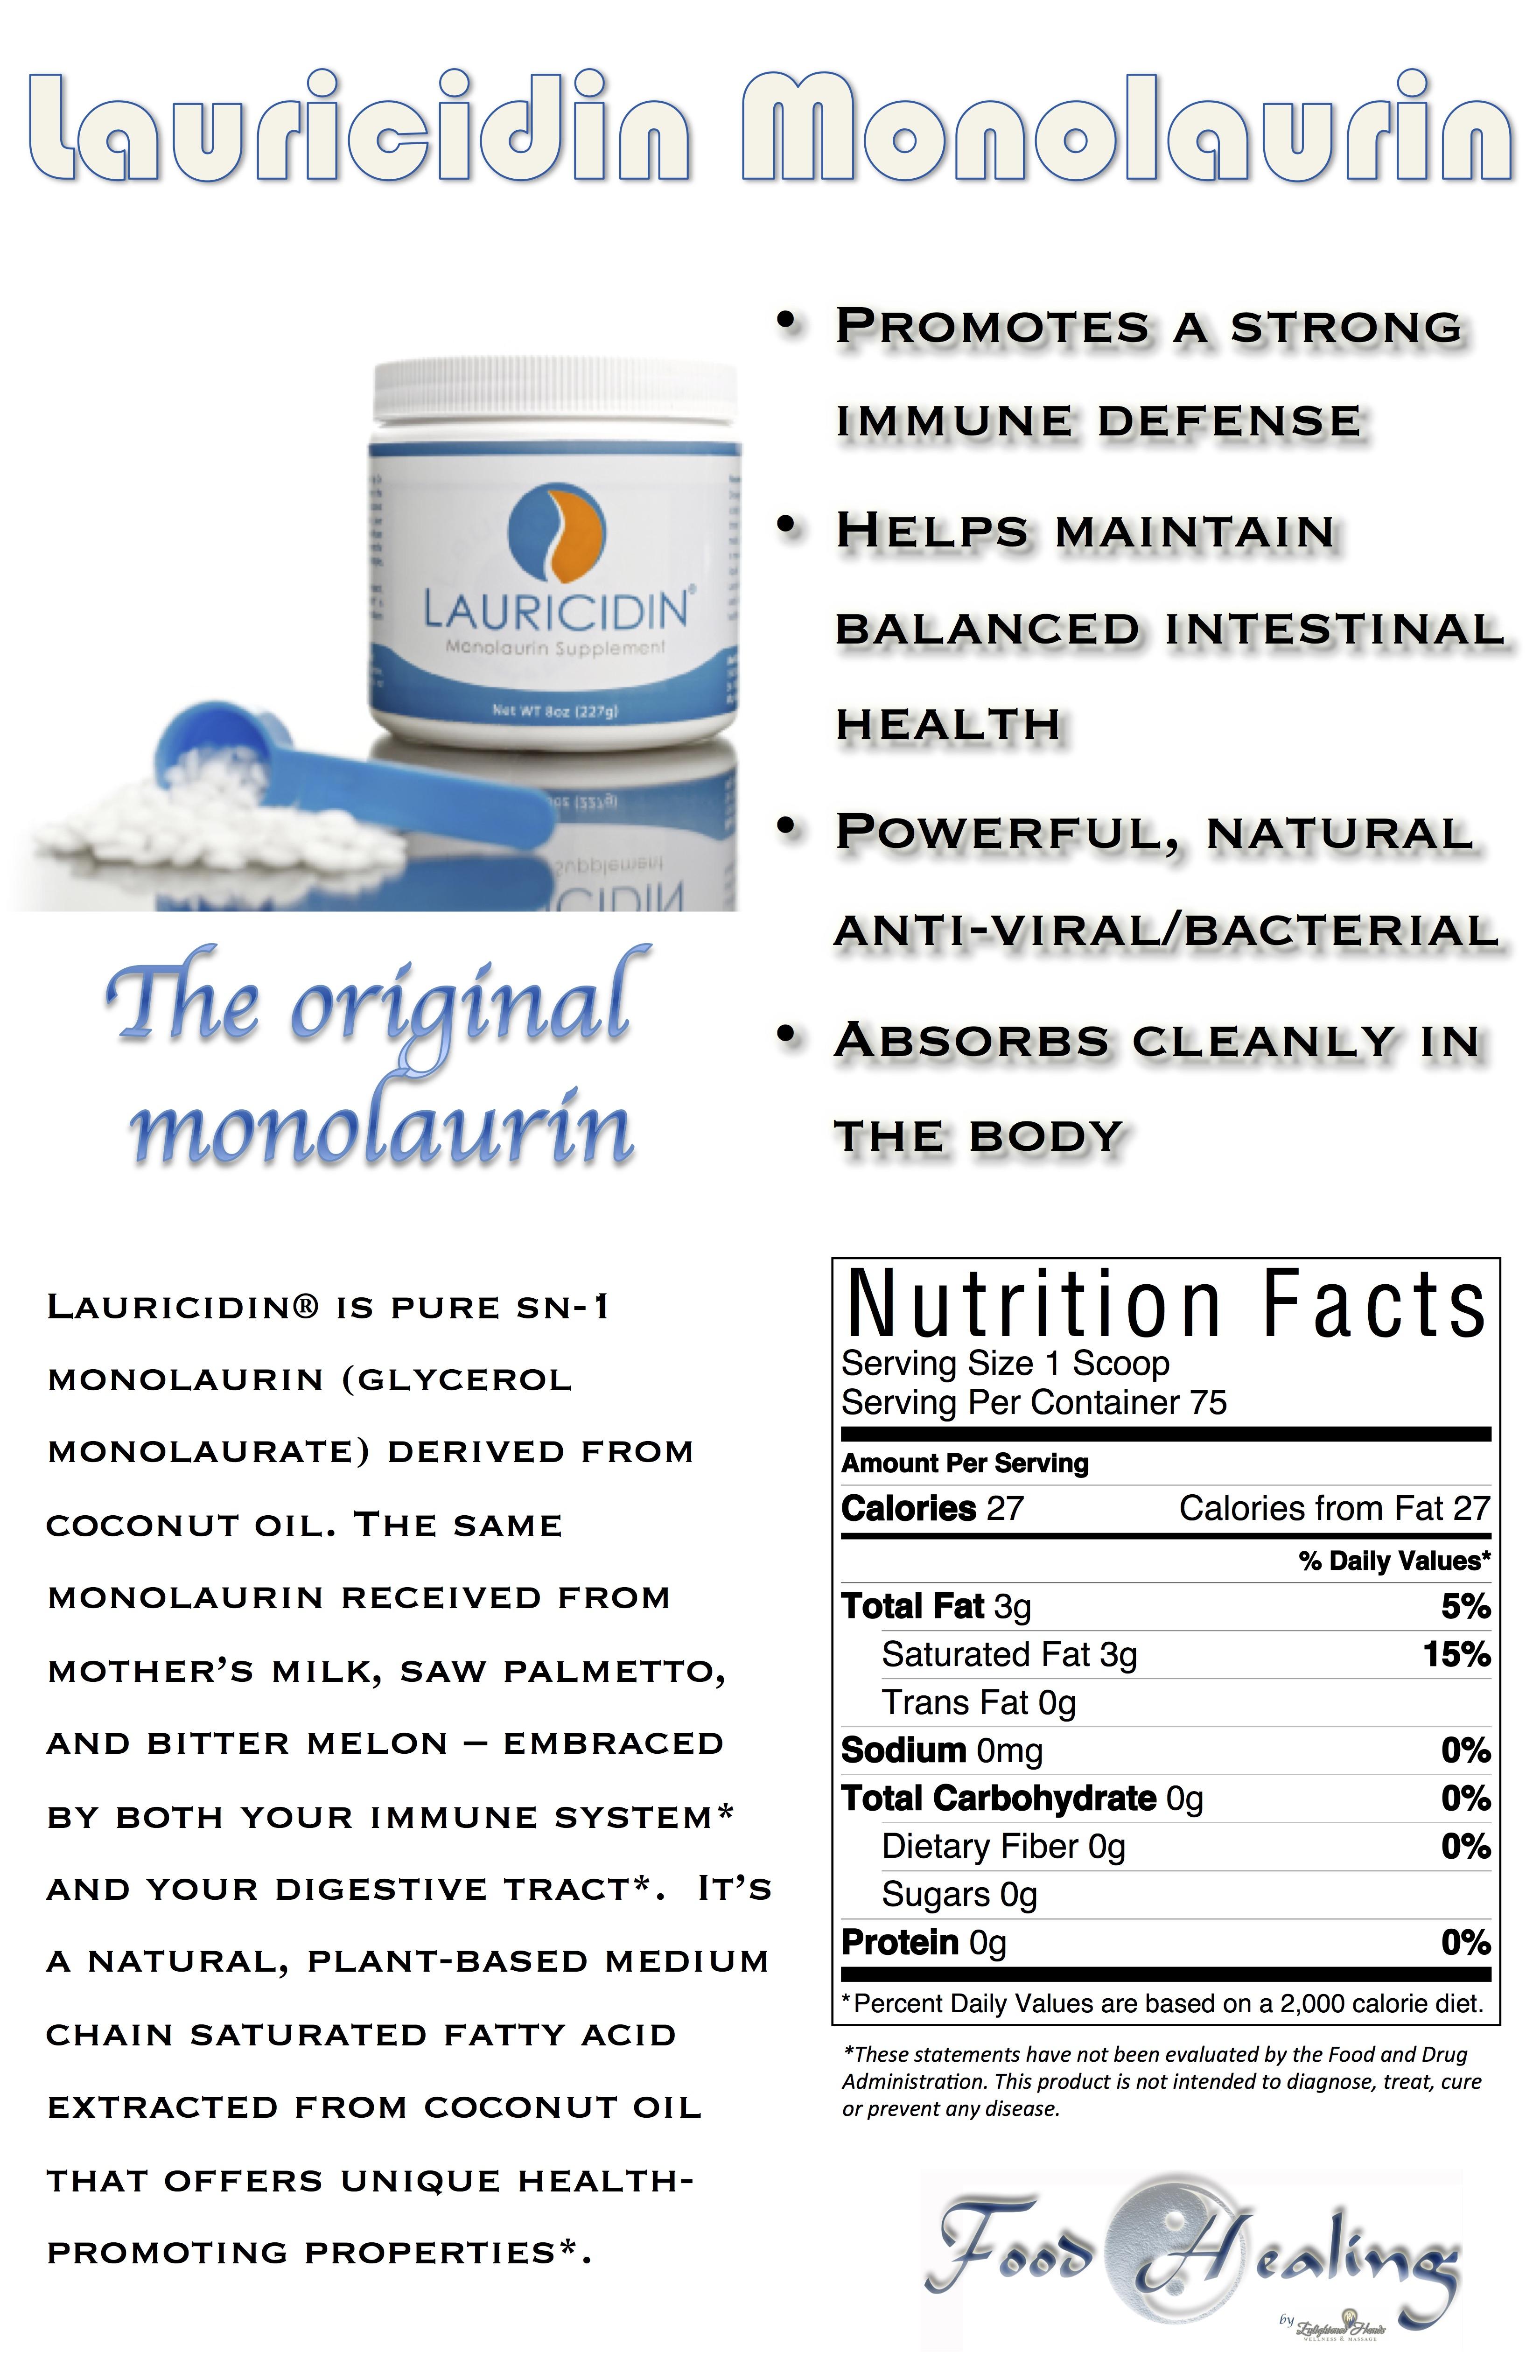 Lauricidin Monolaurin